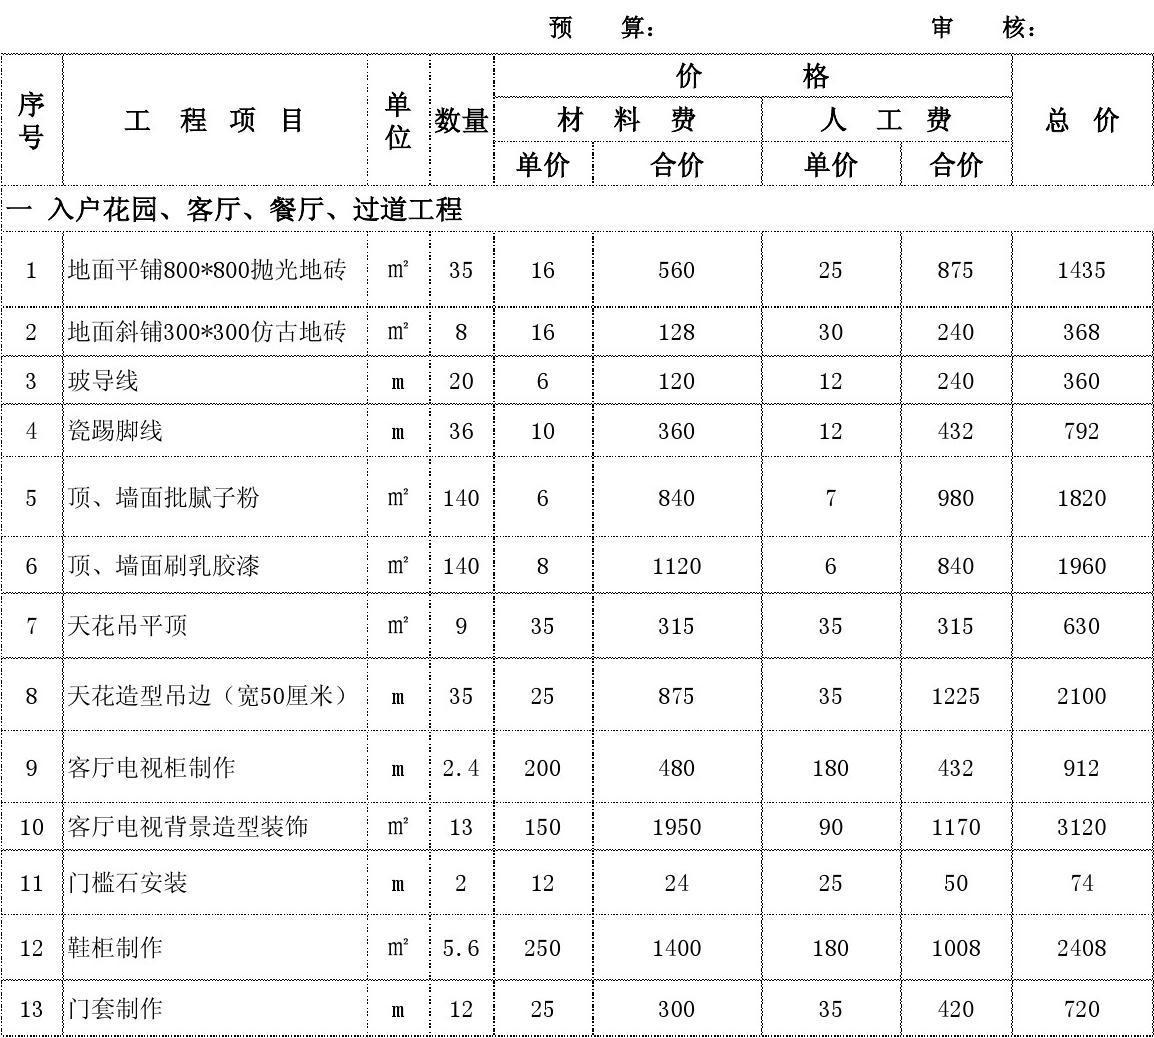 月畔湾1-1513李总雅居预算表_word学校在线阅机械设计及其自动化哪个文档好图片